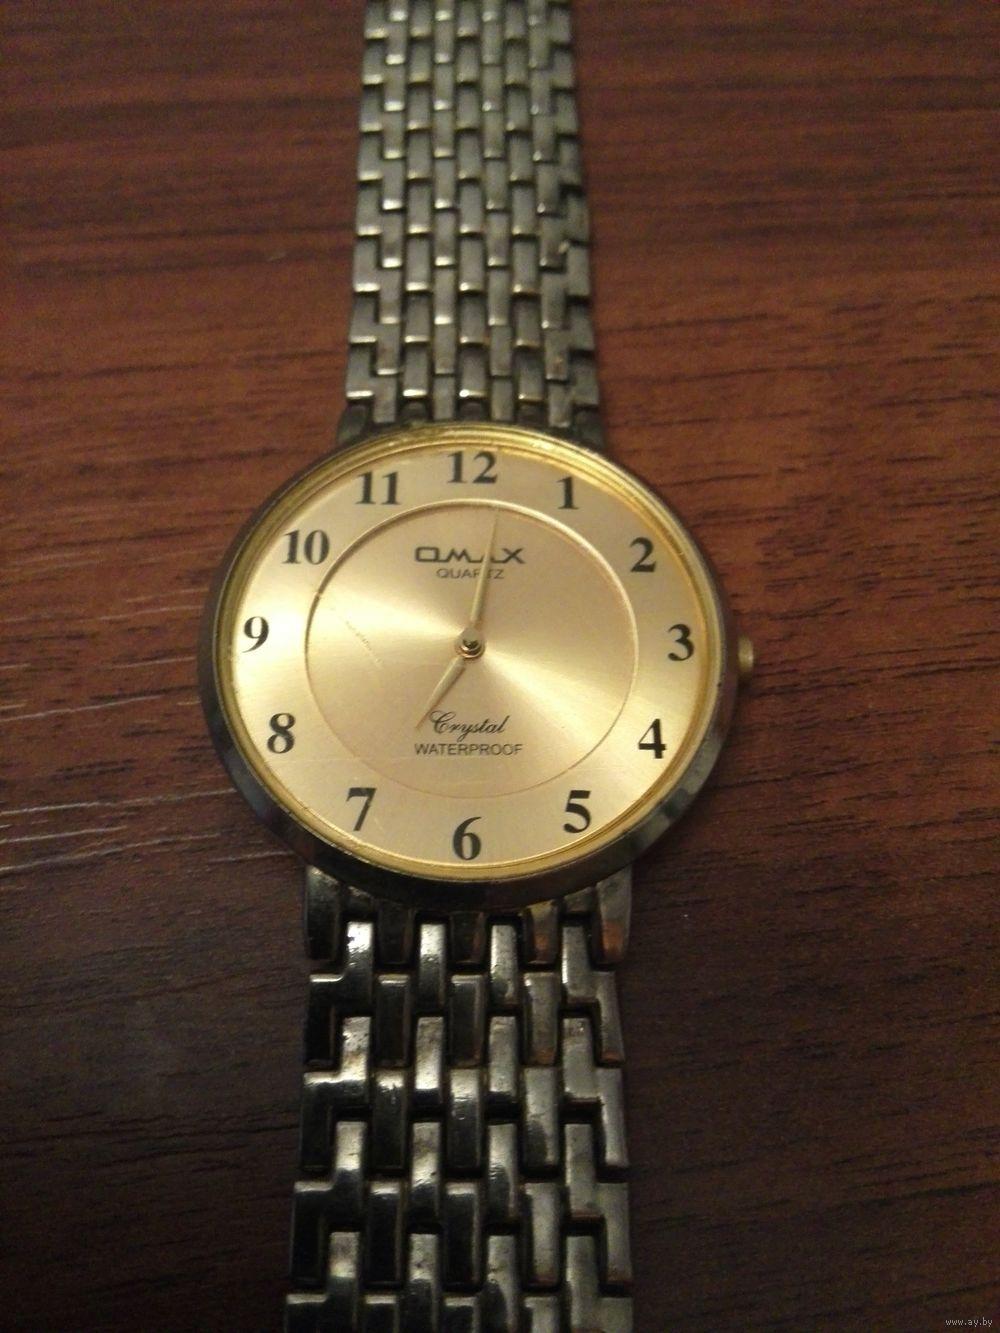 Omax часы since 1946